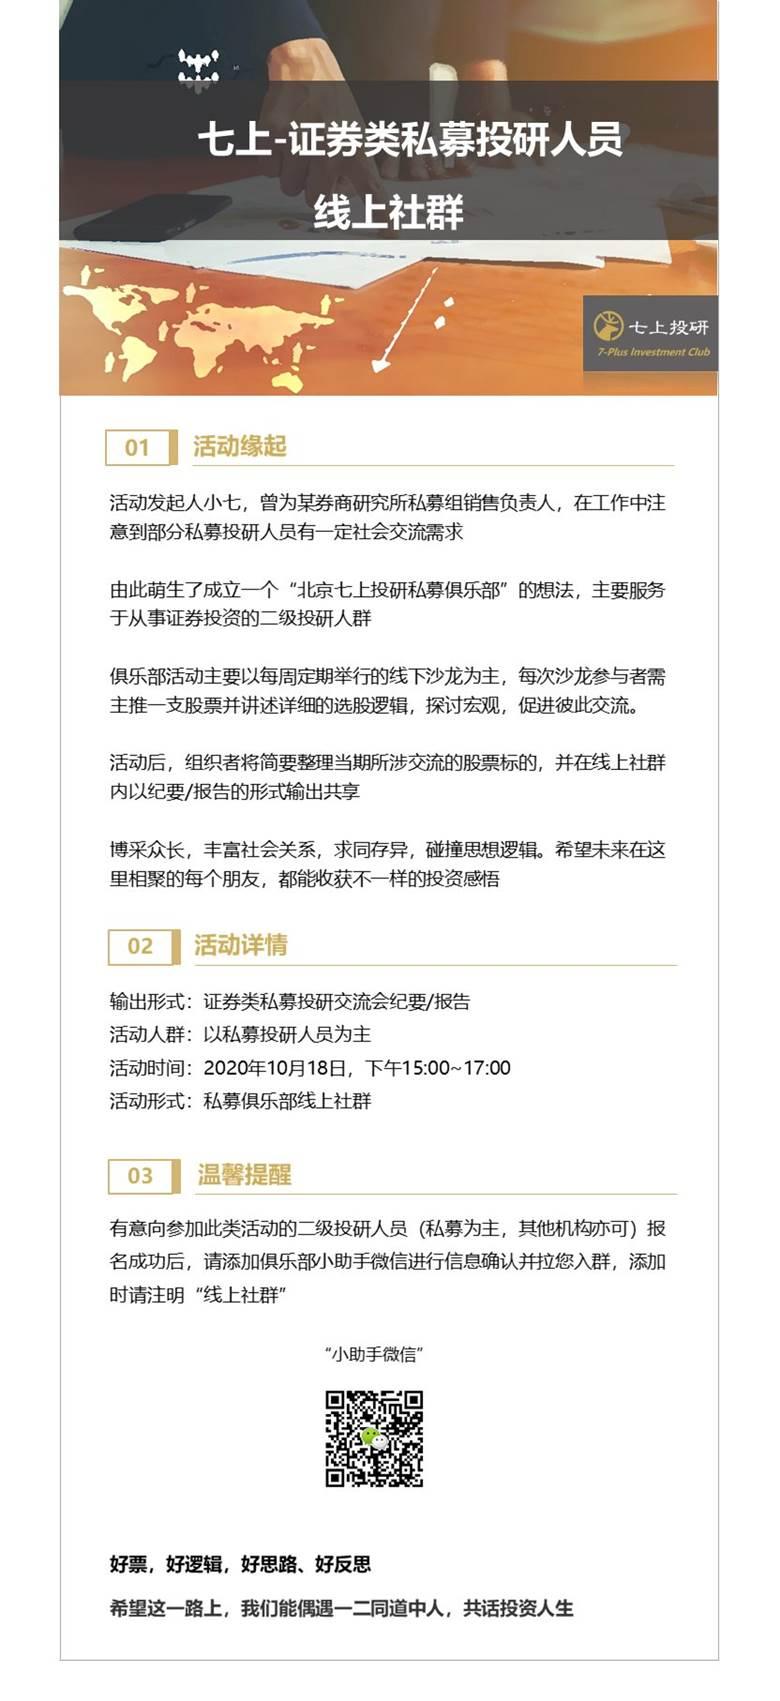 【活动行】线上社群 10月18日.png